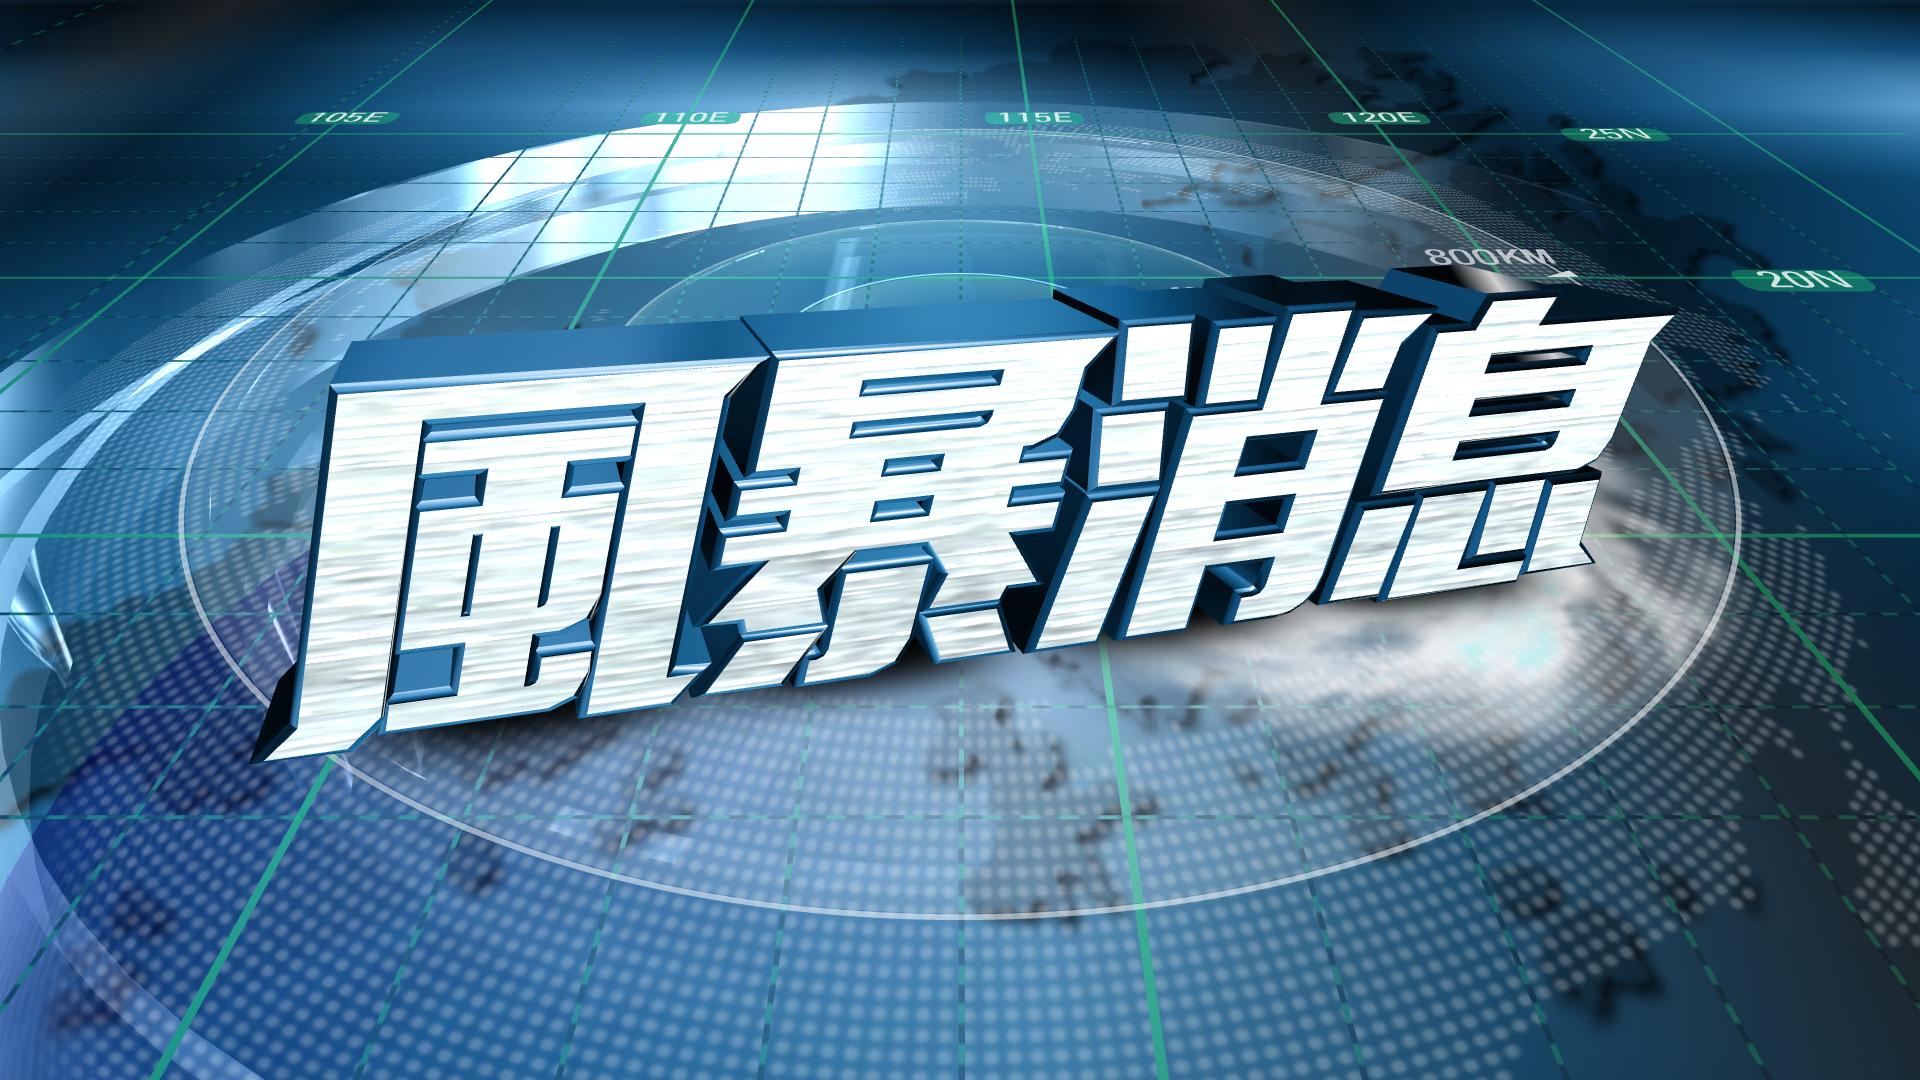 【查帕卡襲港·不斷更新】風暴消息一覽 (17:00)